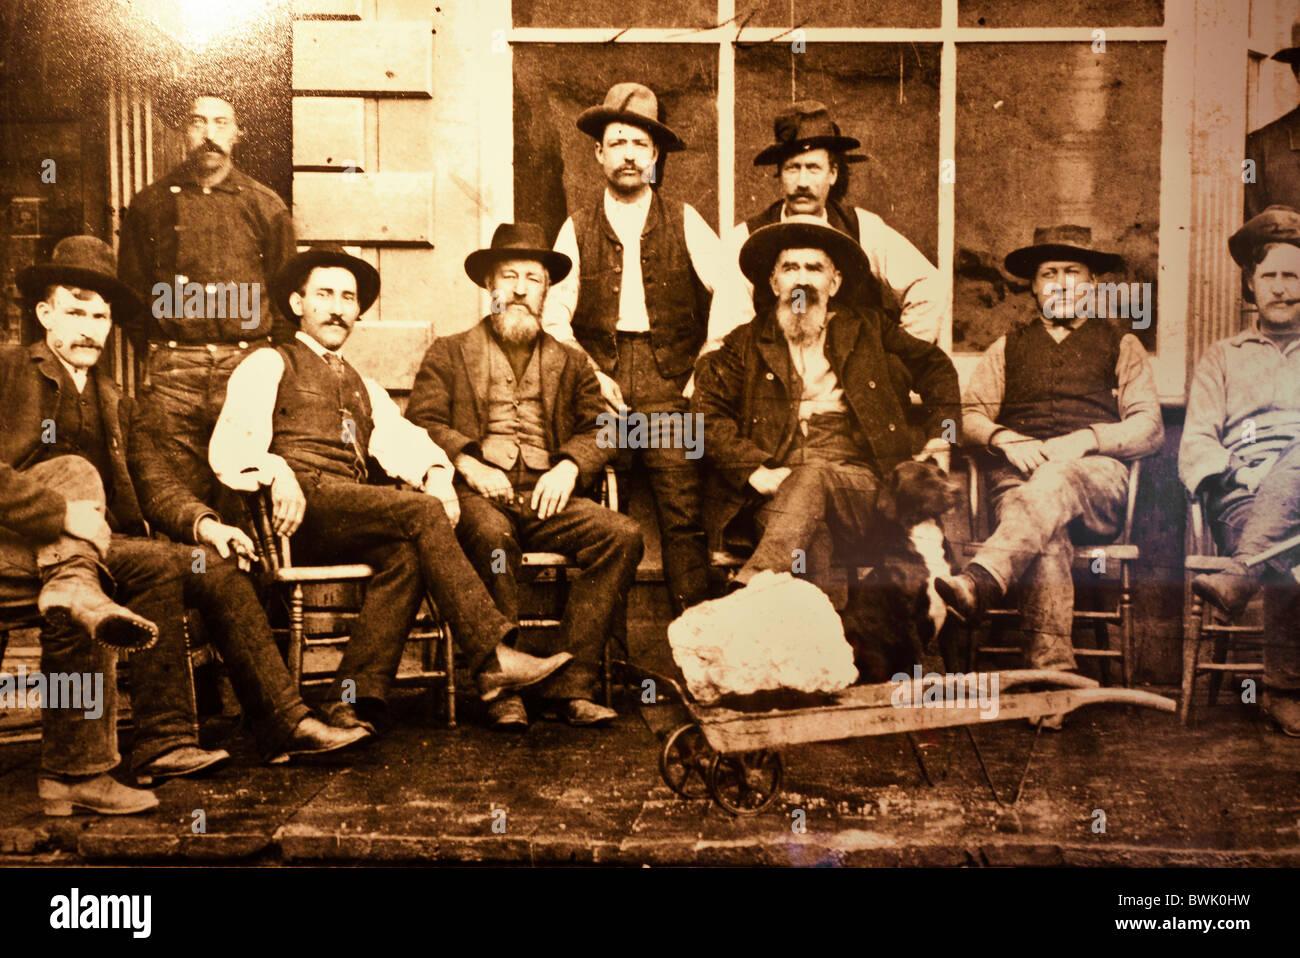 Historical photograph, Rico, Colorado - Stock Image